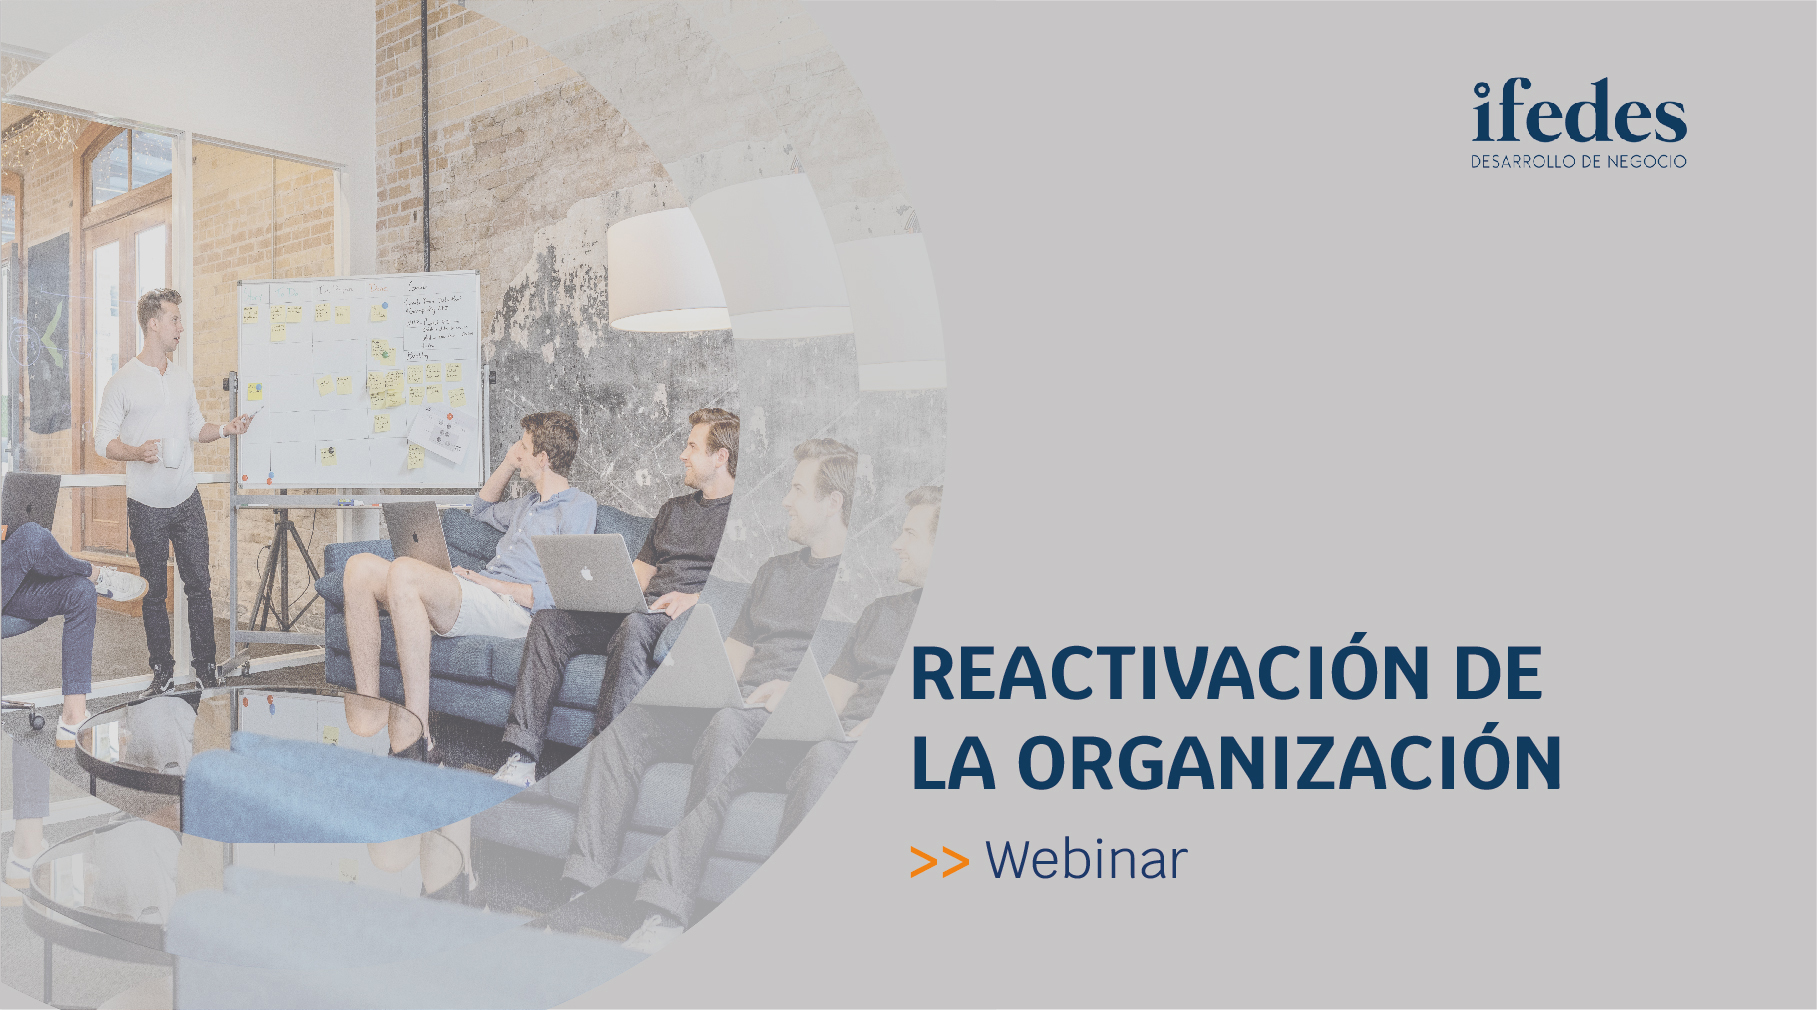 reactivación organización